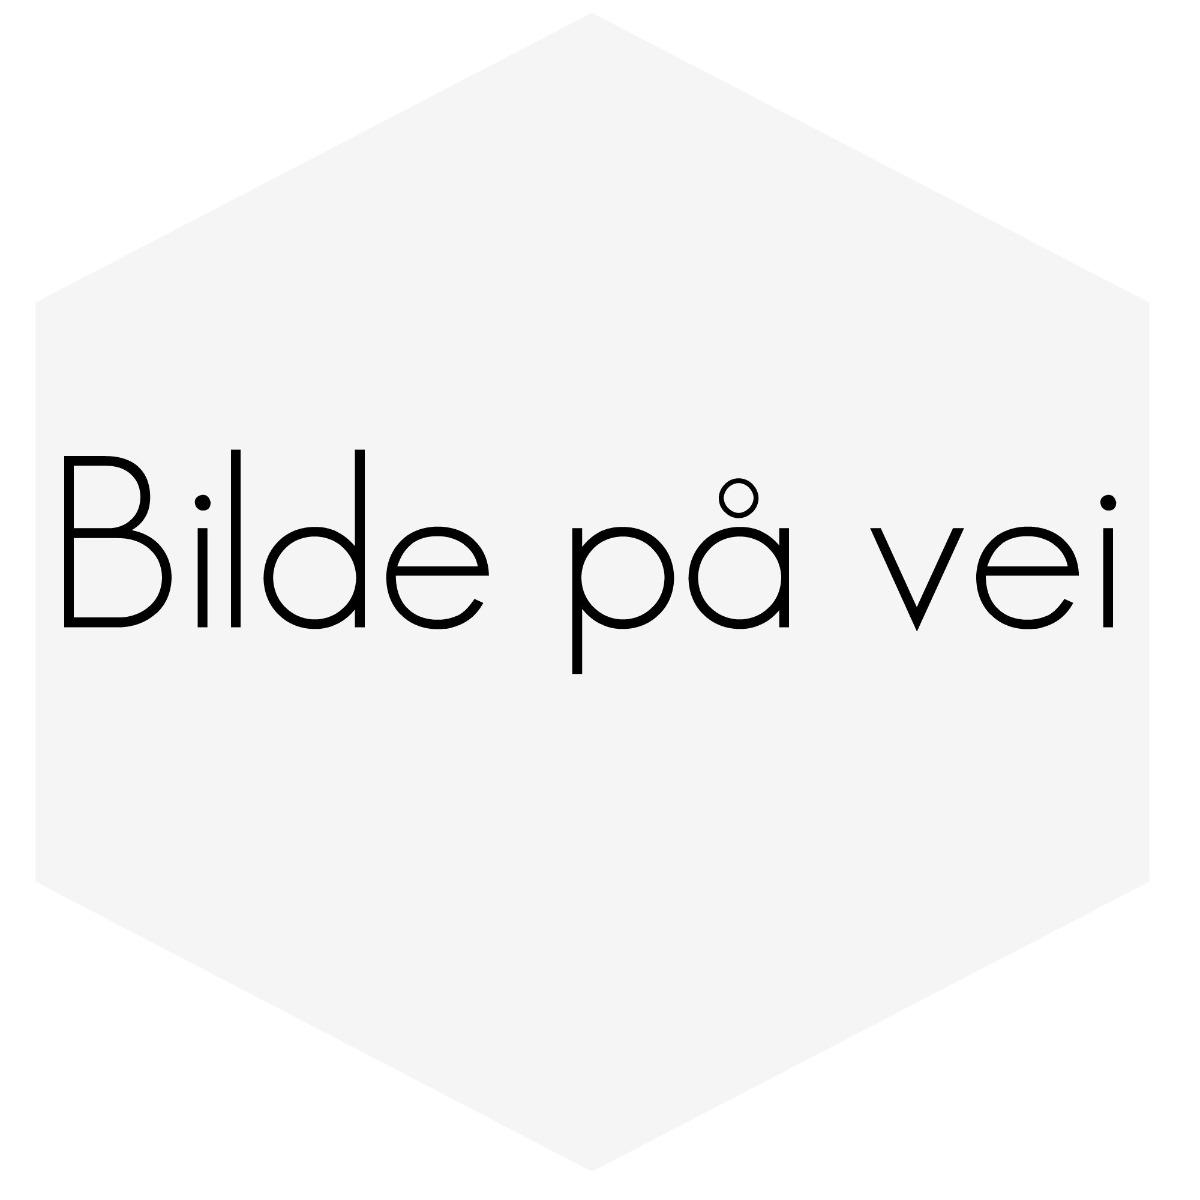 SILIKONSLANGE RØD FLEXIBEL GLATT 1,0'' (25MM)